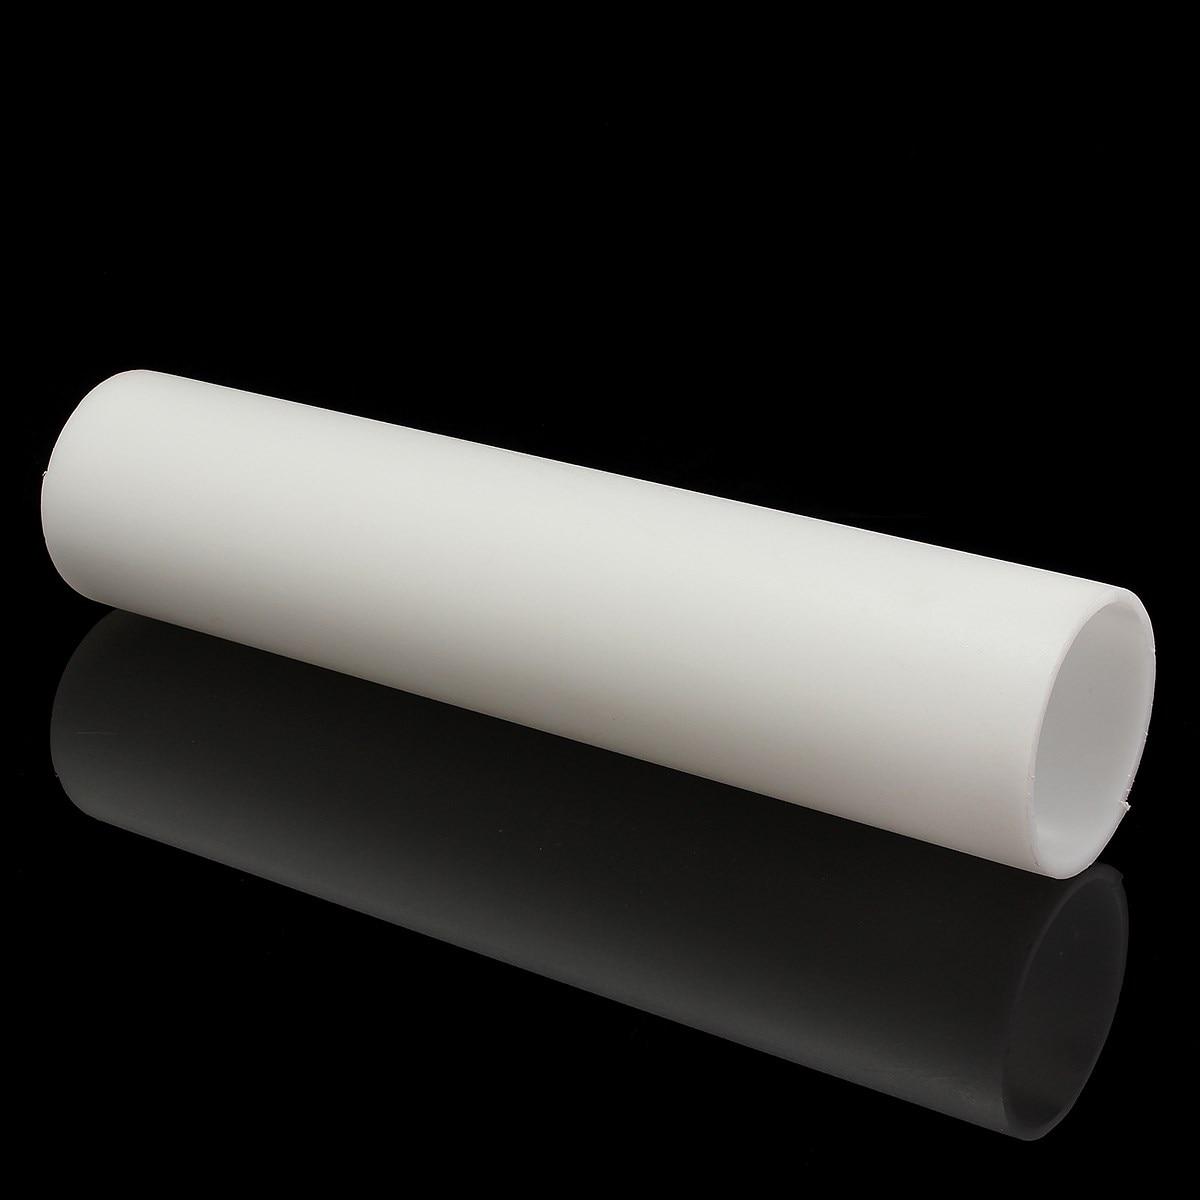 Hotte Aspirante Tube dedans 500mm/20 pouces 125x4x500mm en plastique tuyau conduit rond solide